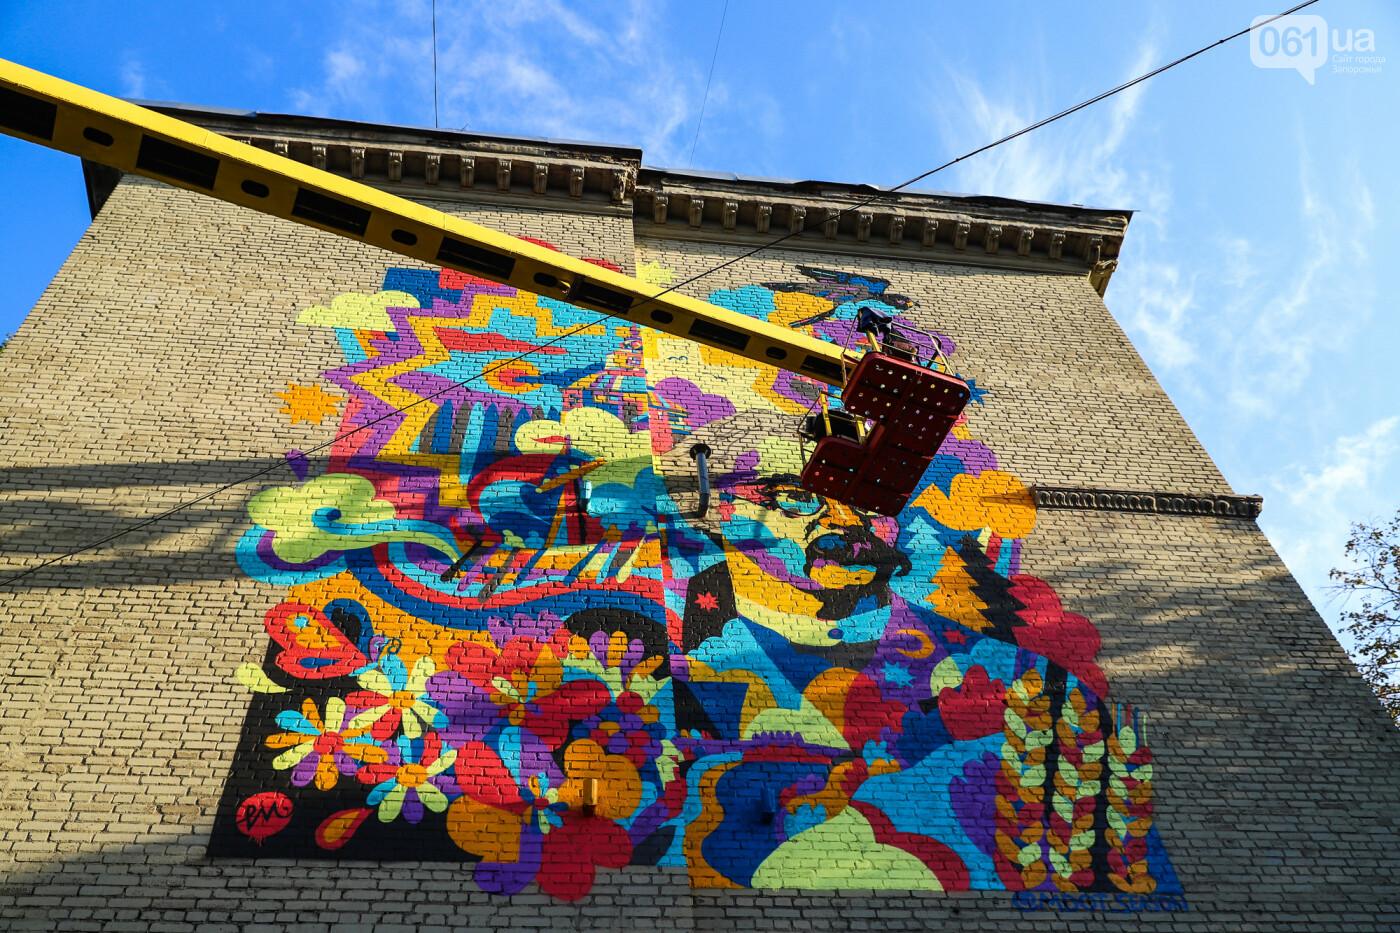 Художник из Нью-Йорка нарисовал мурал к 250-летию Запорожья - ФОТОРЕПОРТАЖ , фото-24